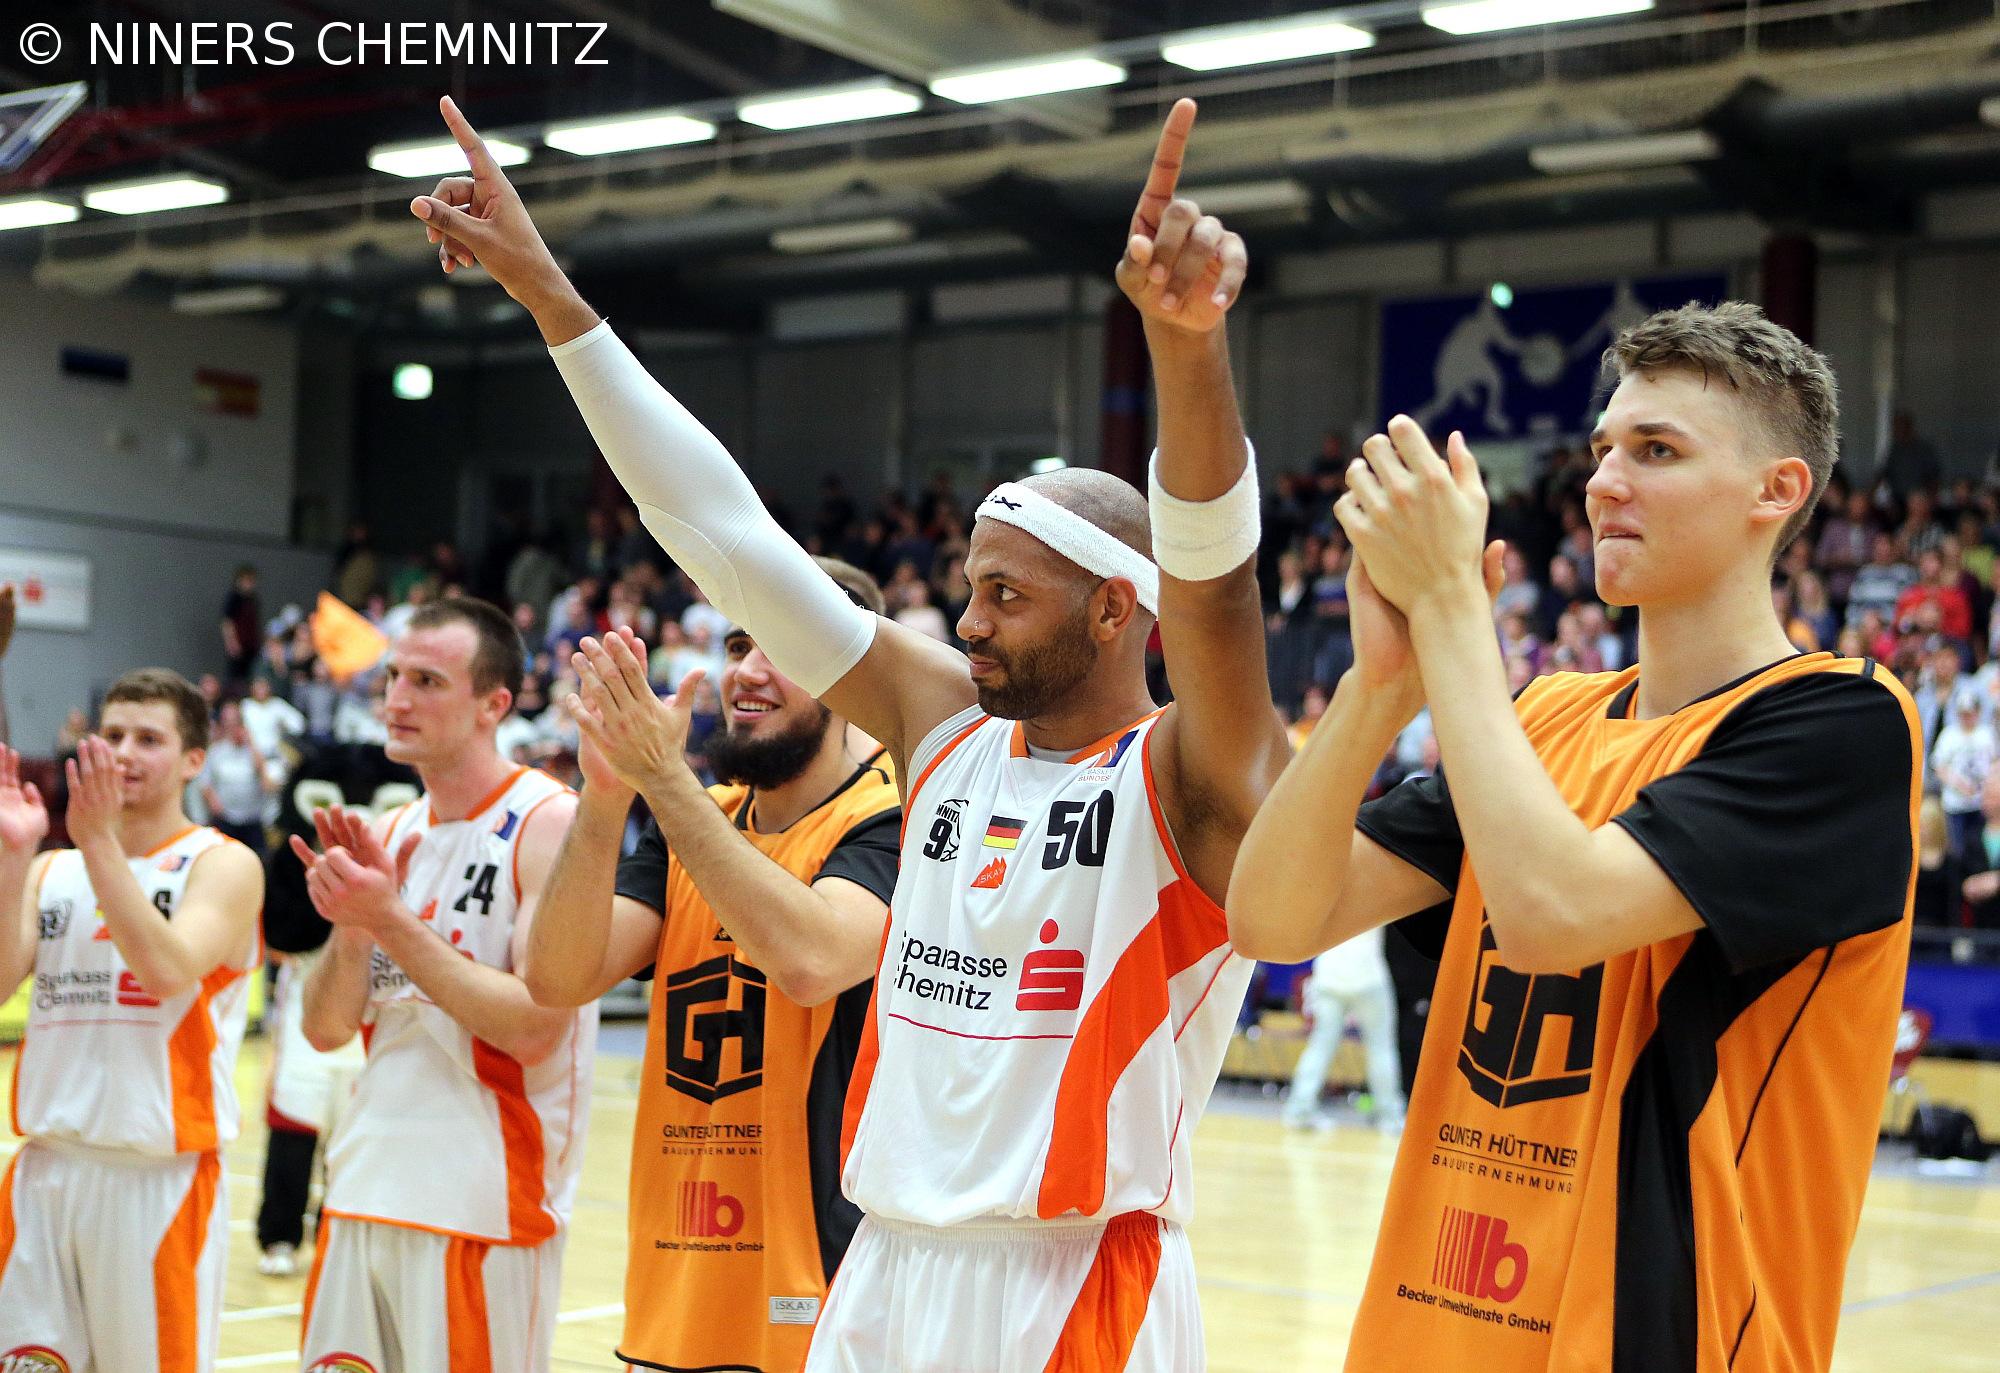 NINERS Chemnitz stellen neuen Partner vor